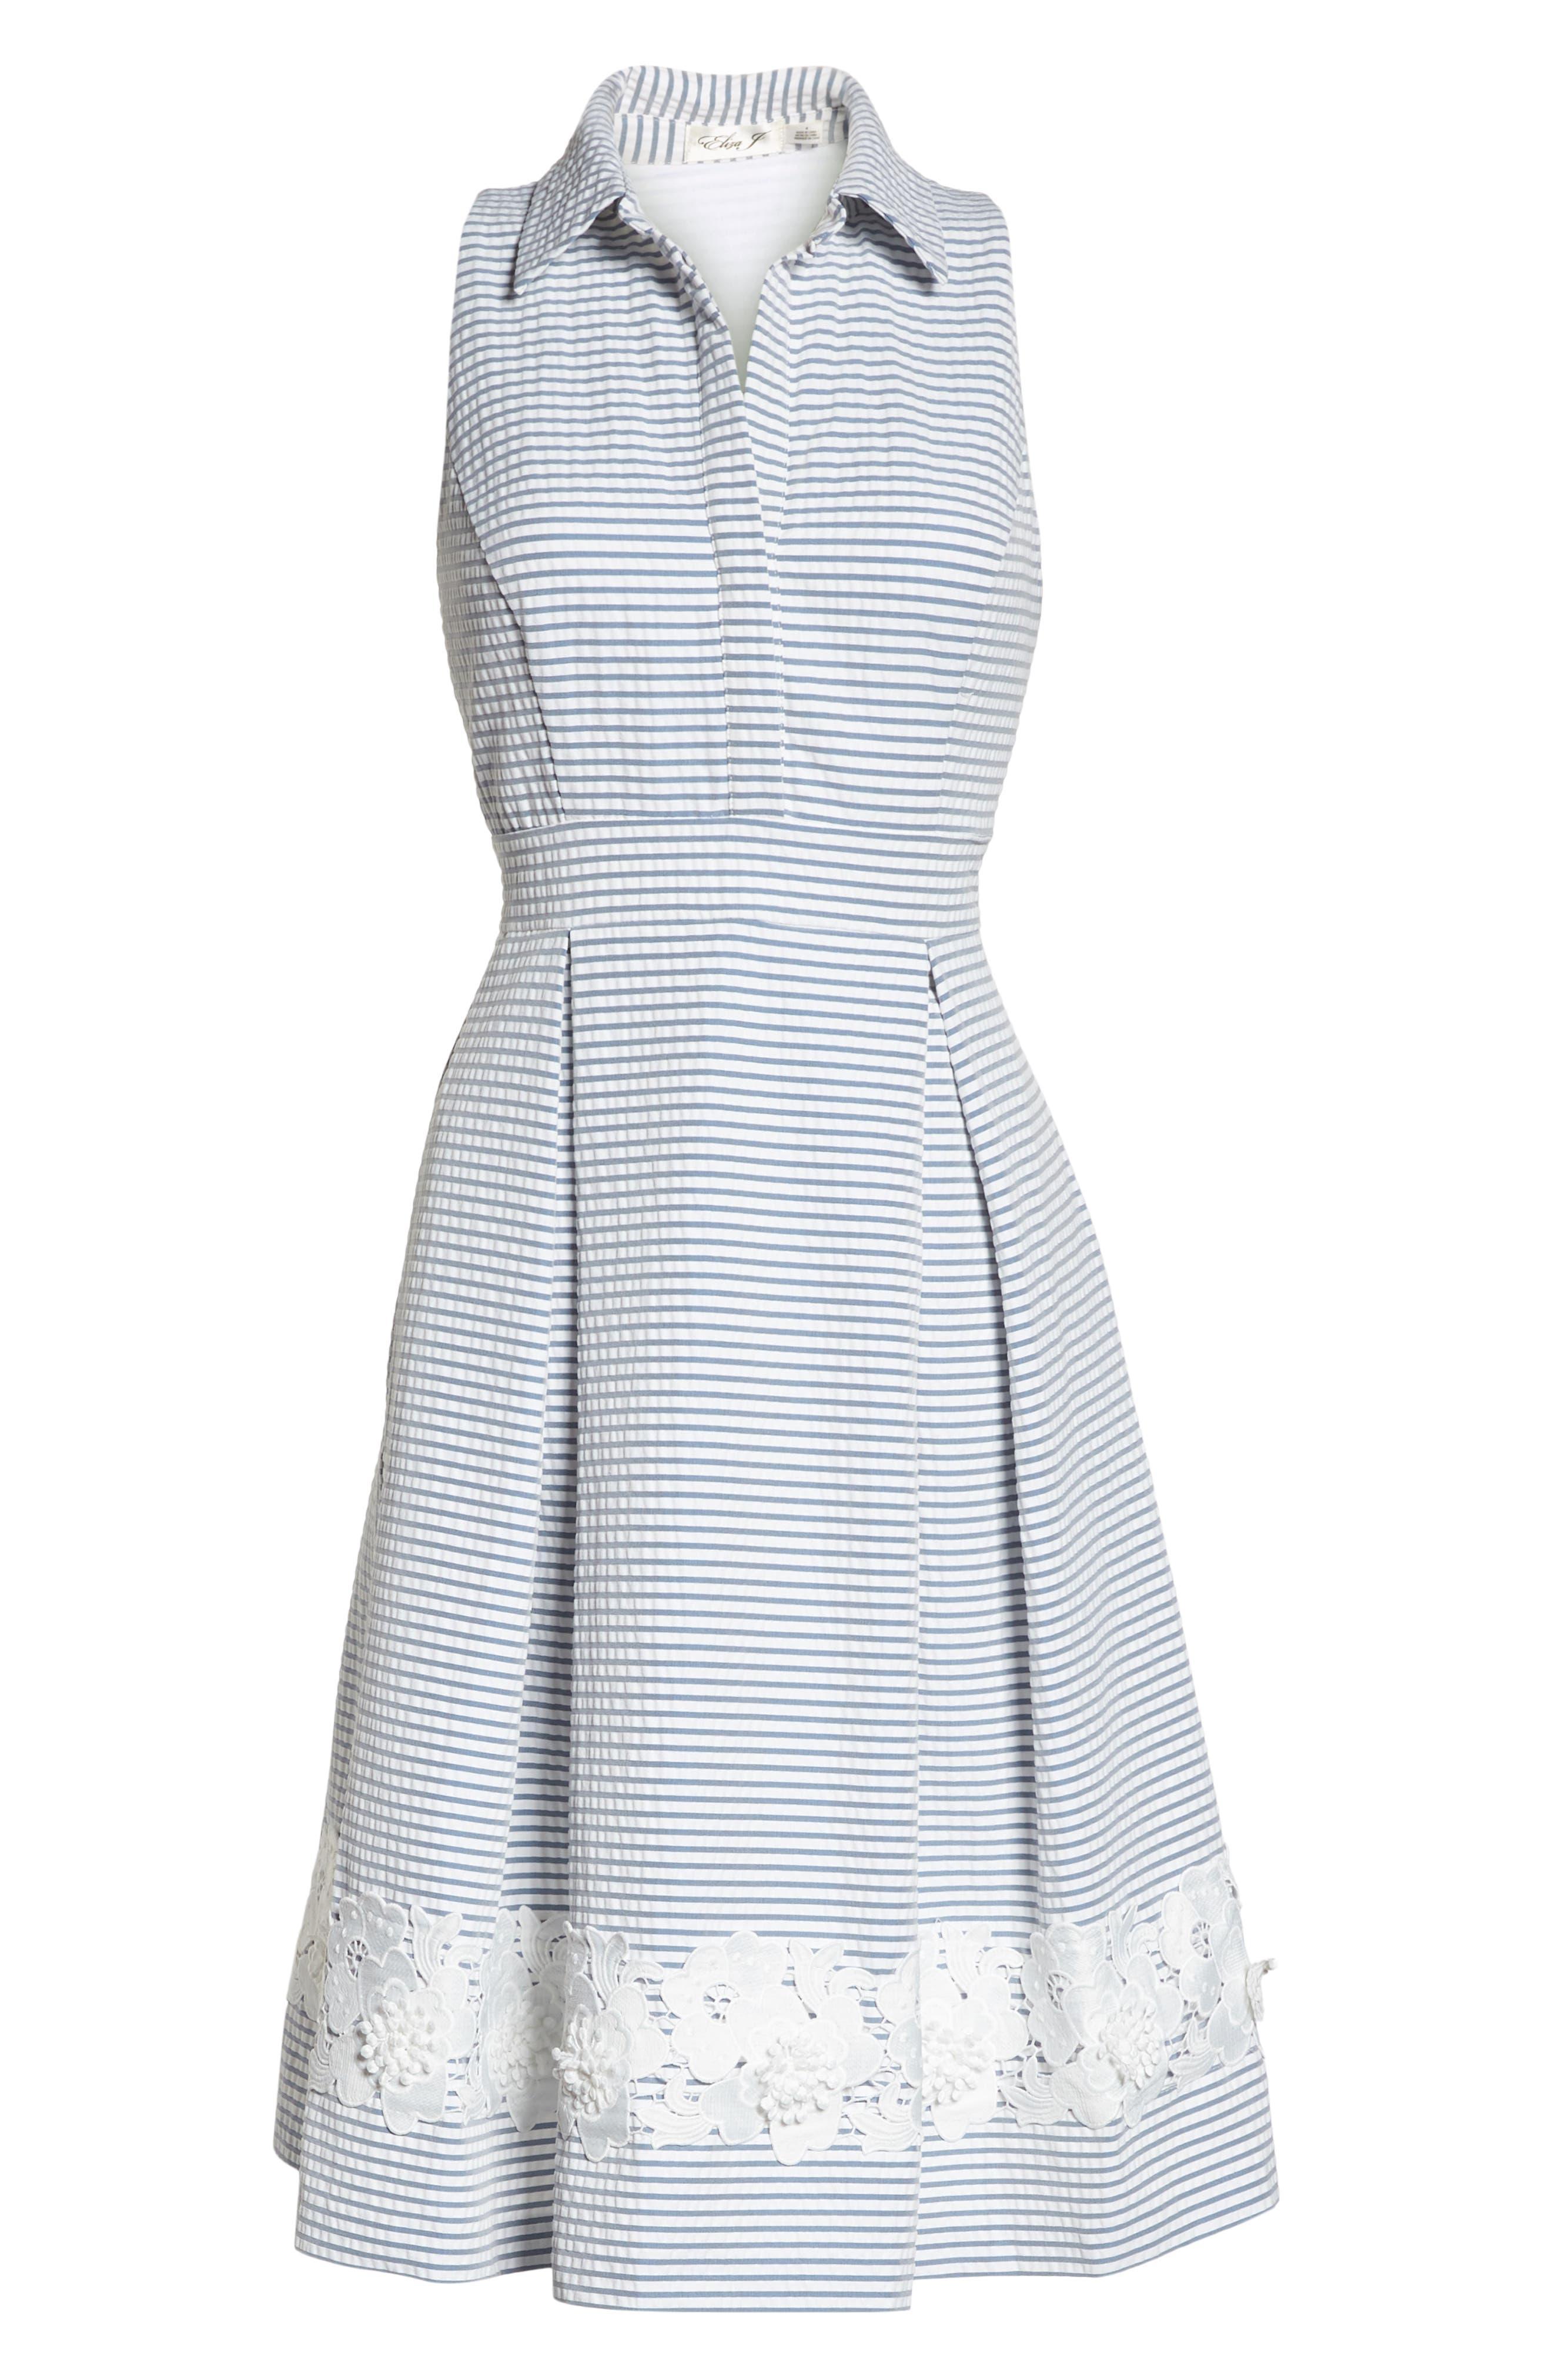 Halter Shirtdress,                             Alternate thumbnail 7, color,                             BLUE/ WHITE